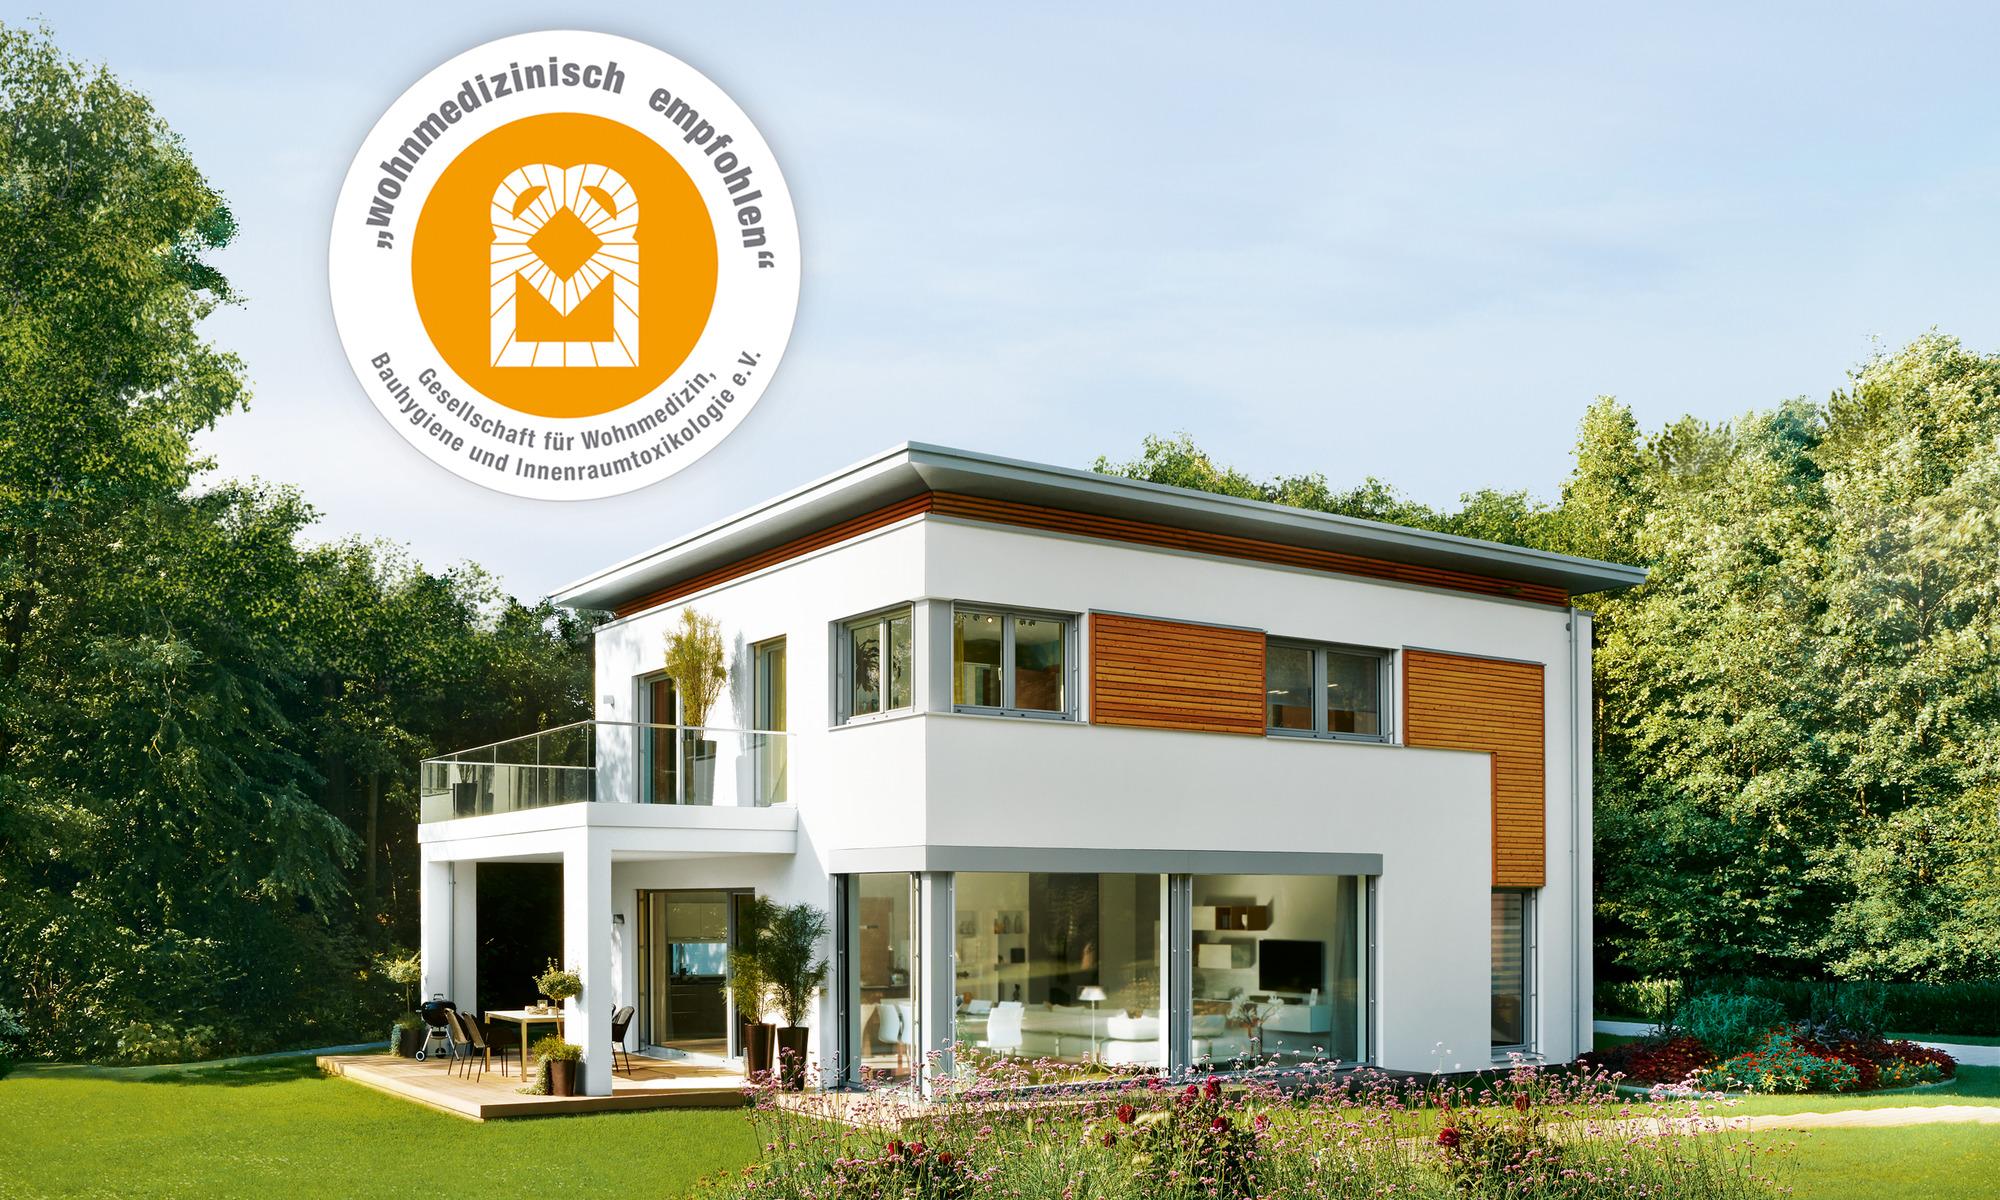 Einfamilienhaus; Stadthaus; Flachdach; Balkon; Terrassse,